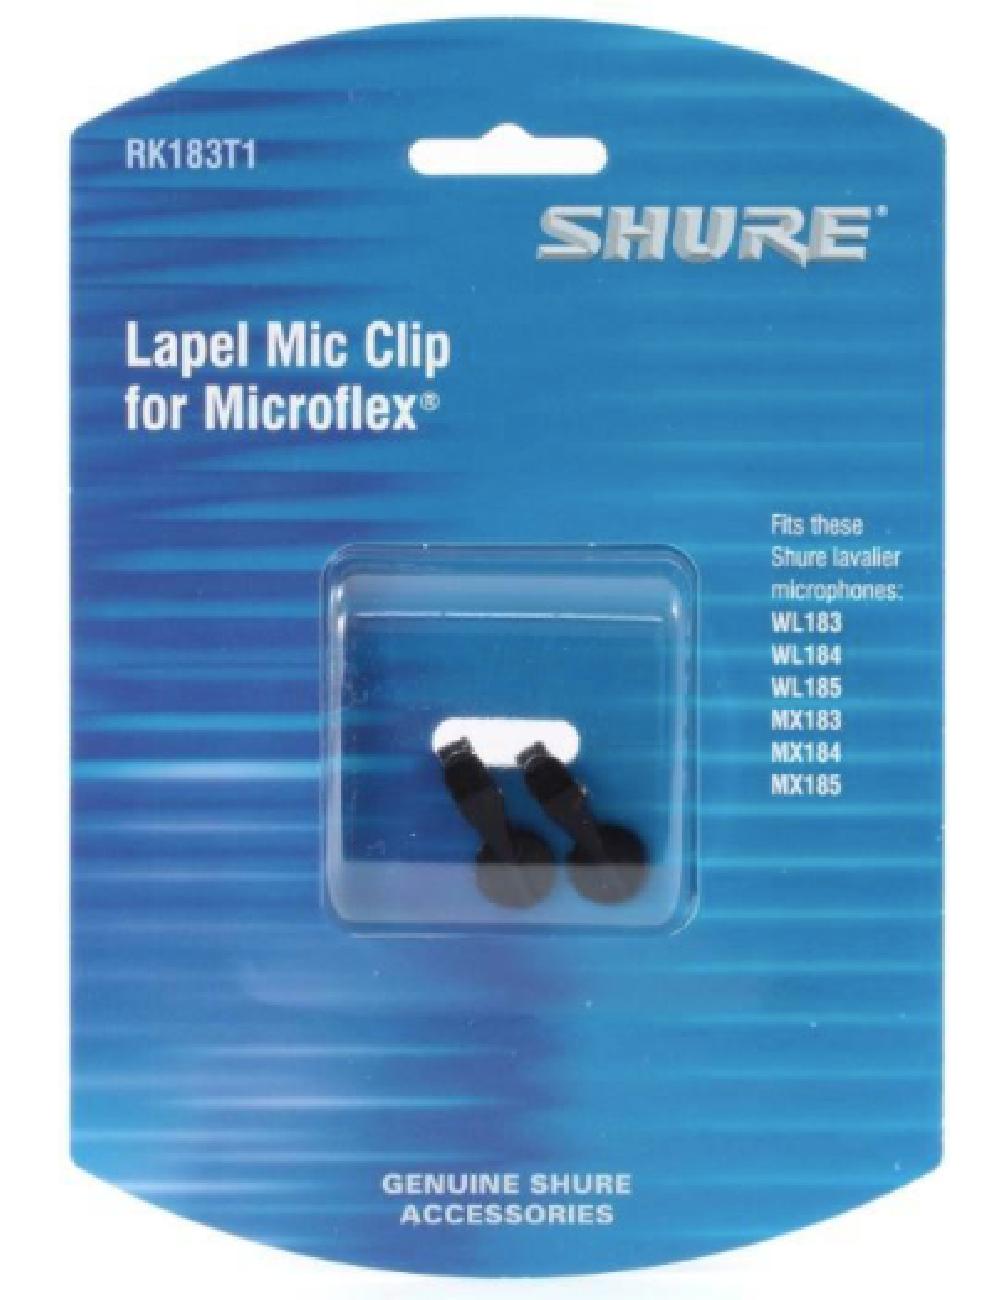 Presilha de Microfone para Gravata Shure RK183T1